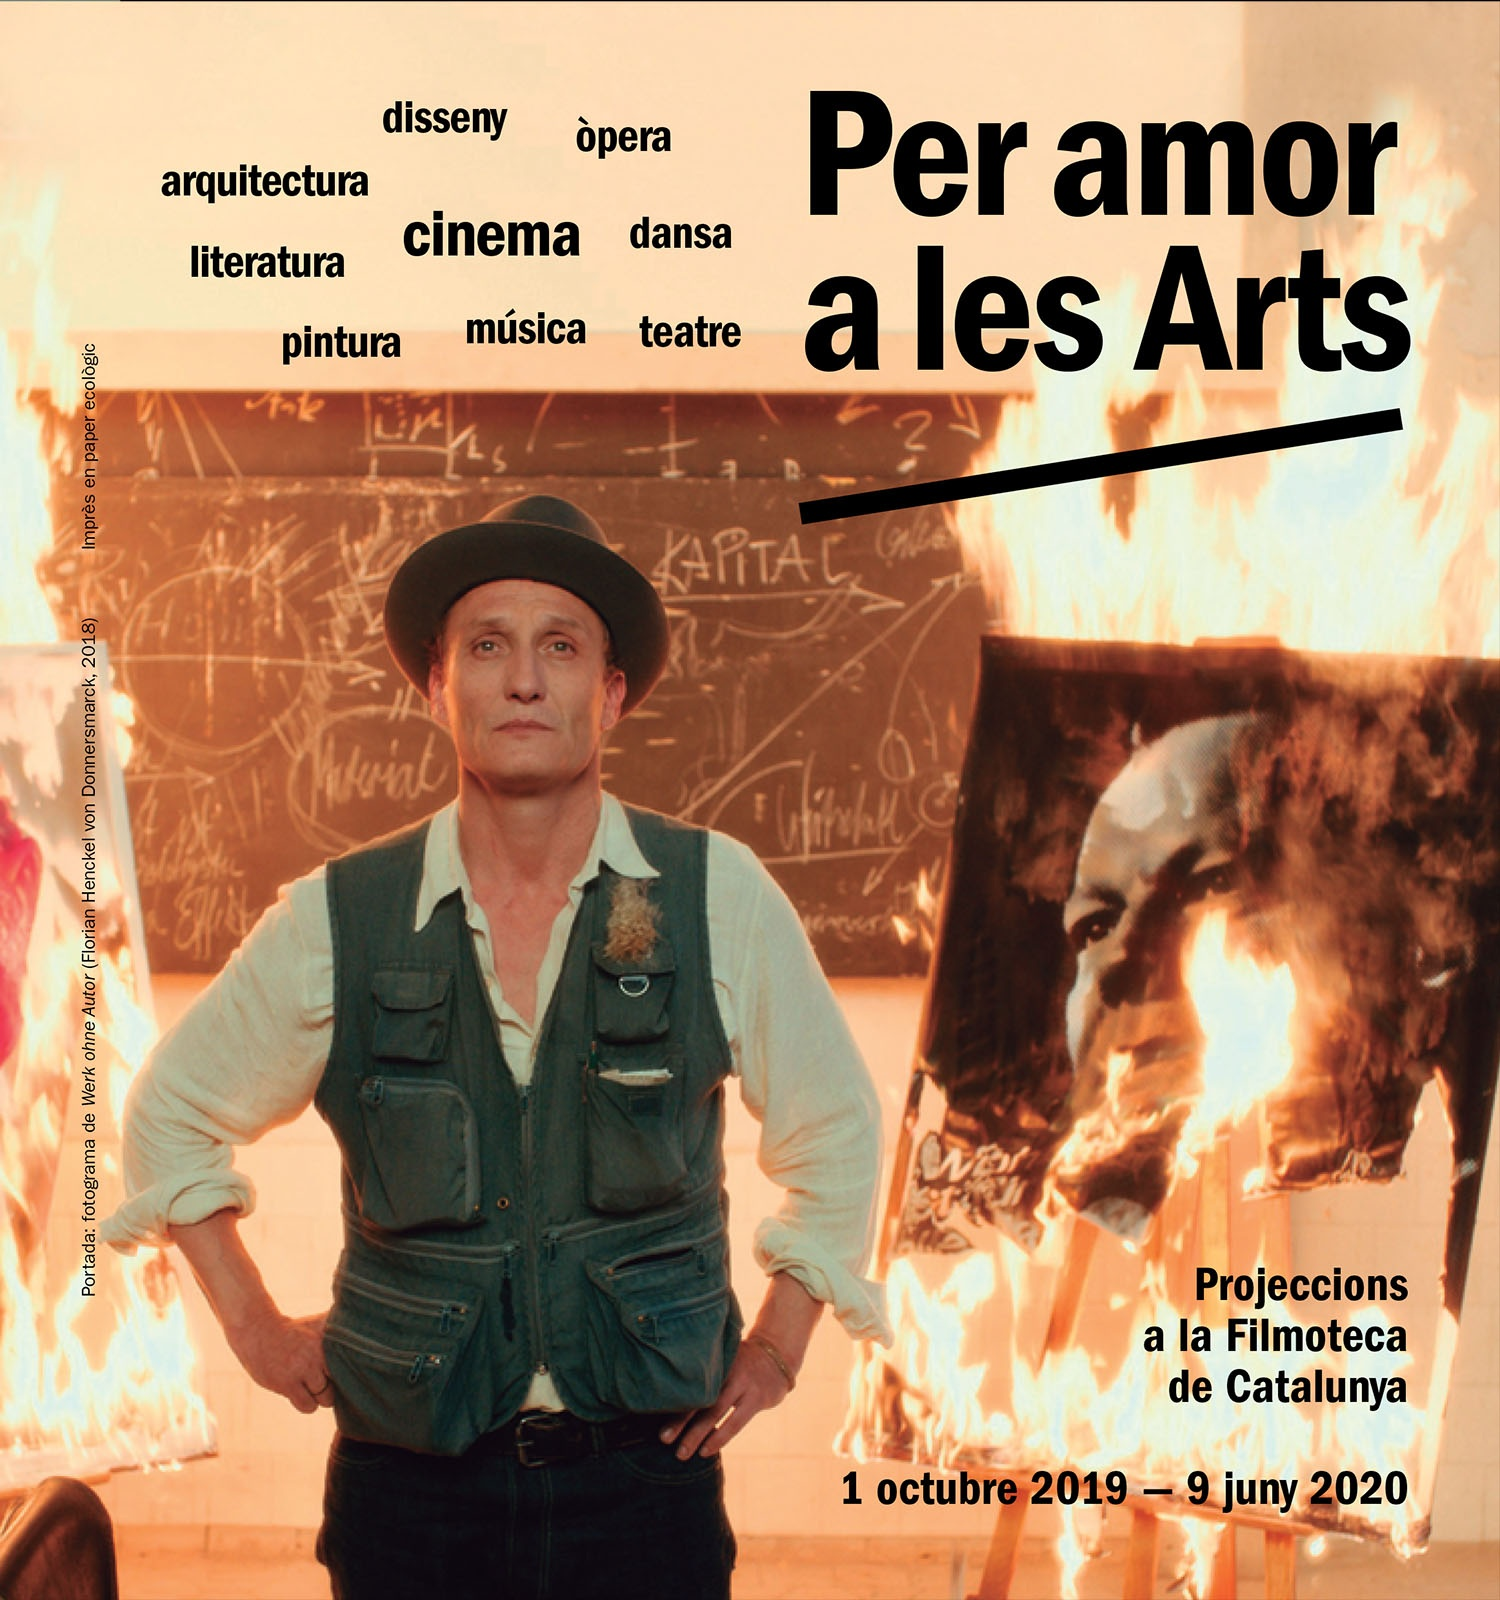 Cicle Per amor a les Arts 2019-2020